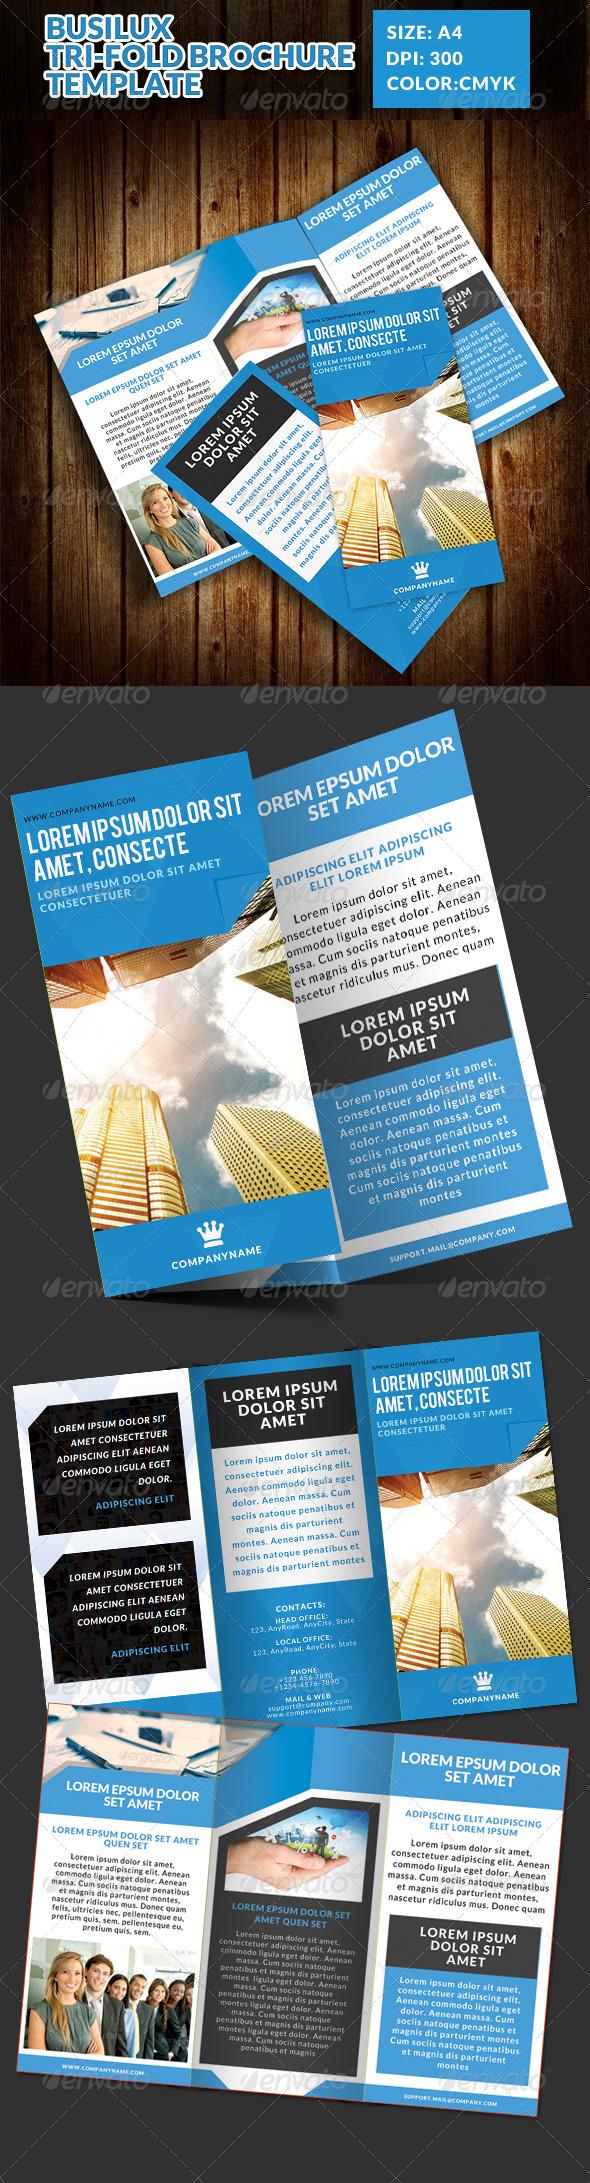 GraphicRiver Busilux Corporate Tri-Fold Brochure Template 7483928